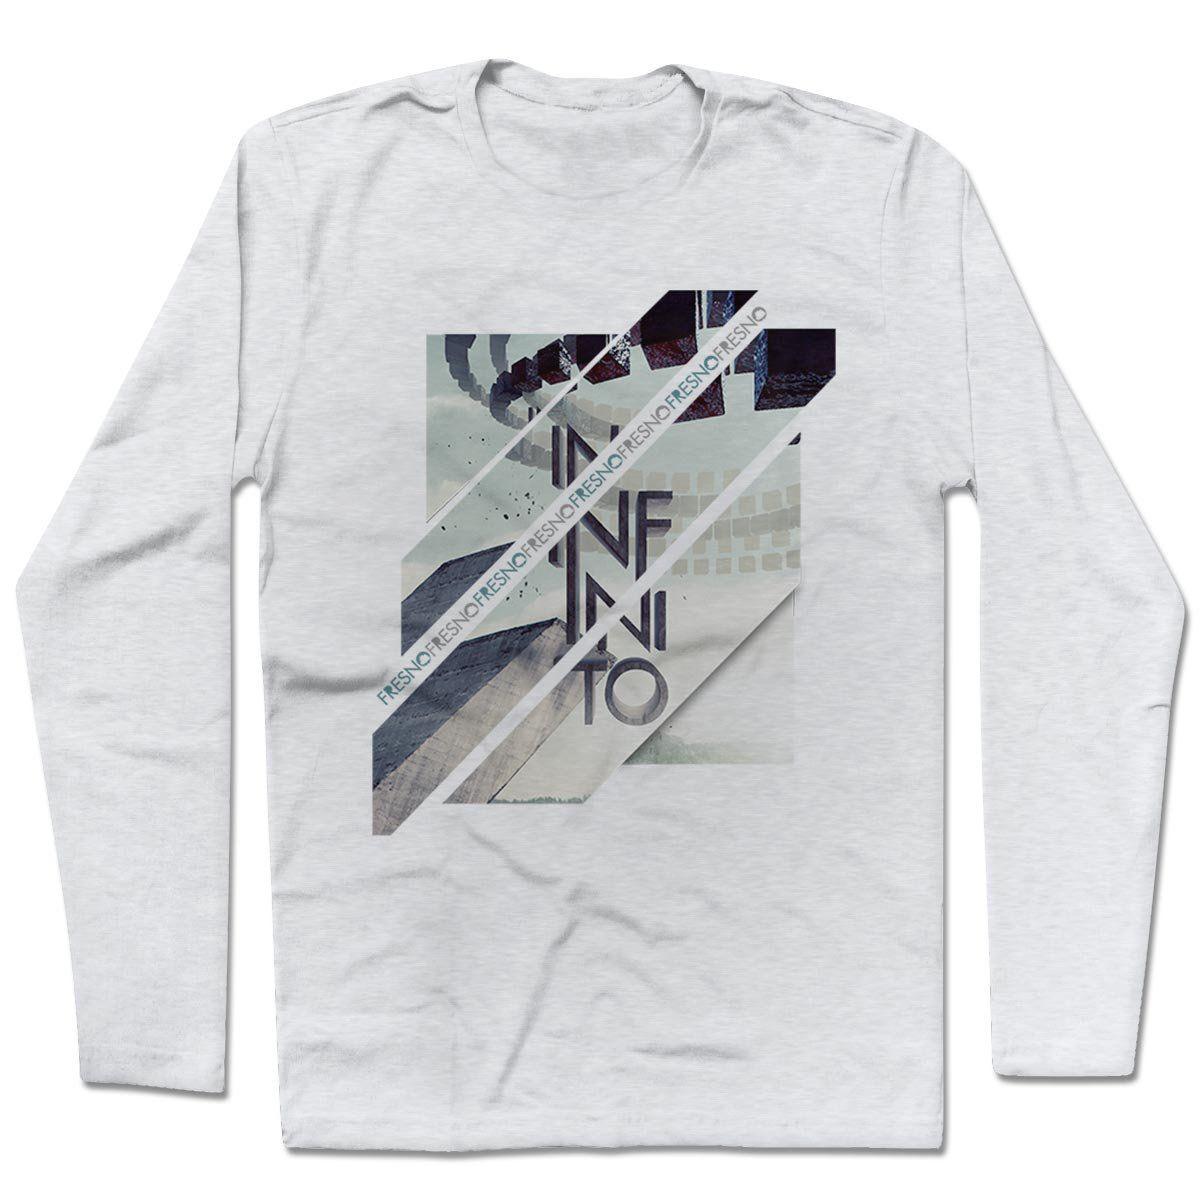 Camiseta Manga Longa Fresno - Infinito